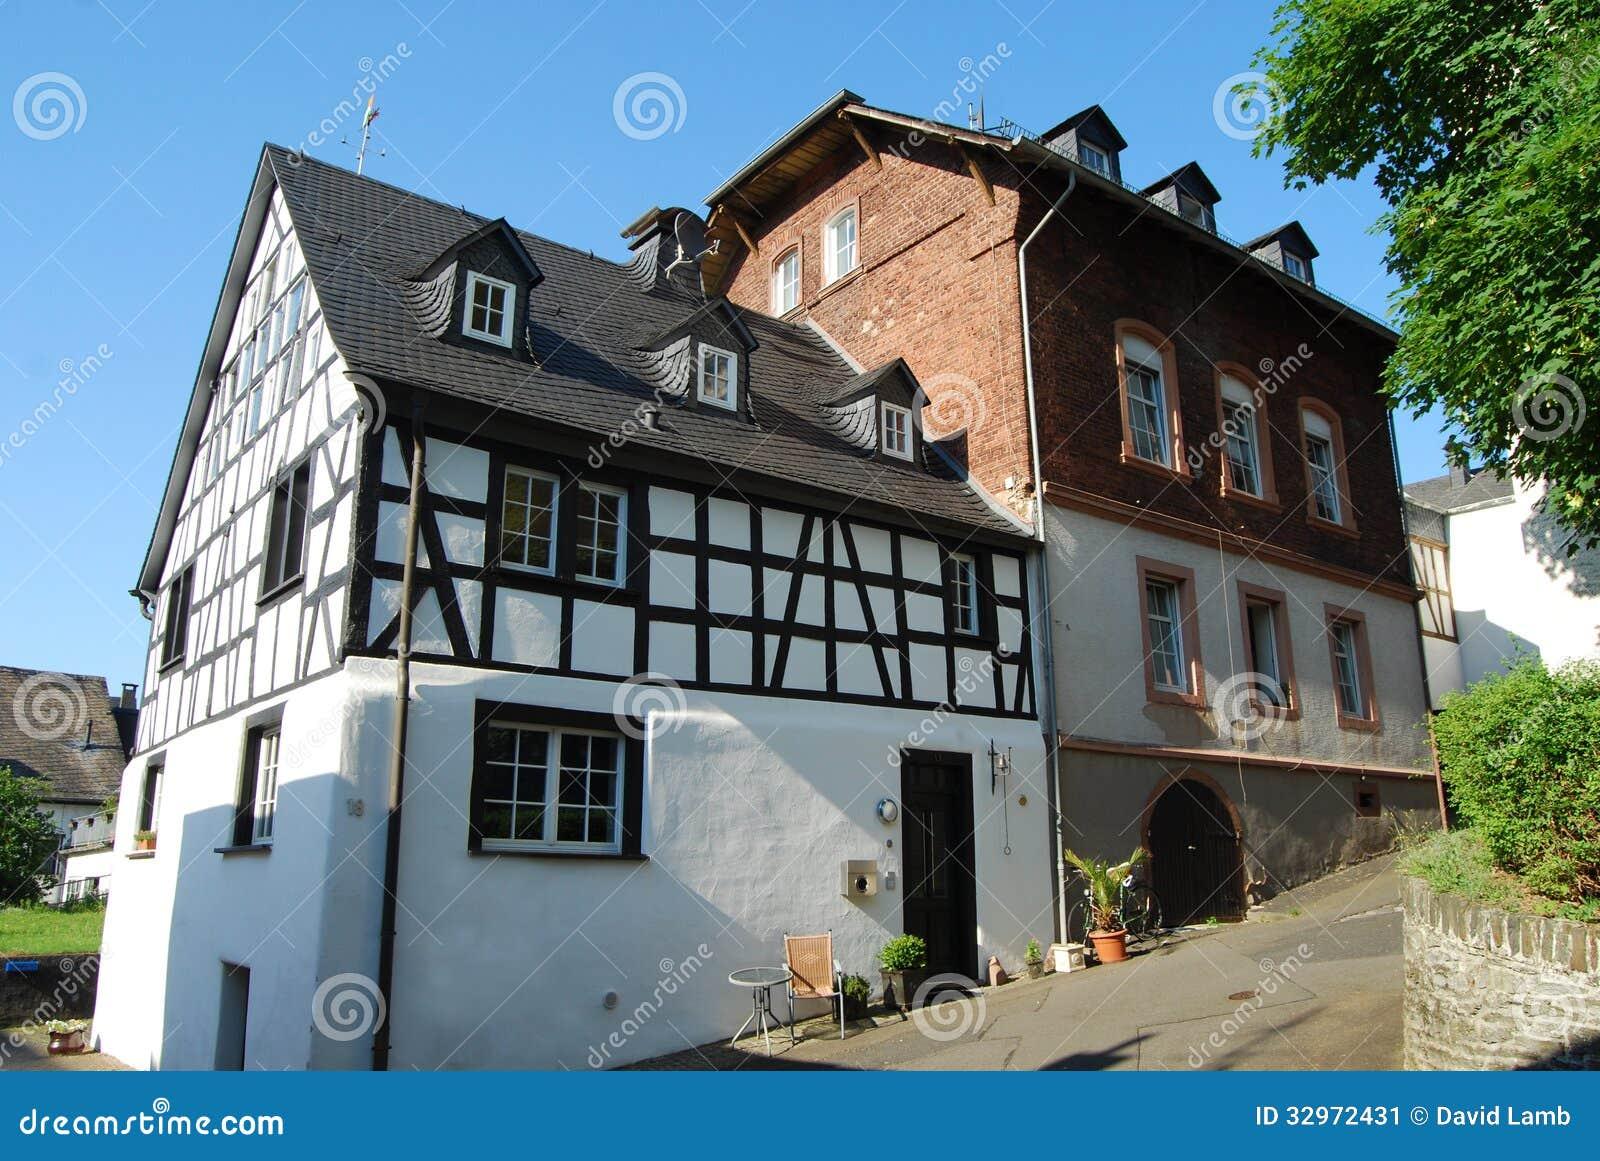 Maison En Bois Moselle maison à colombage la moselle image stock - image du